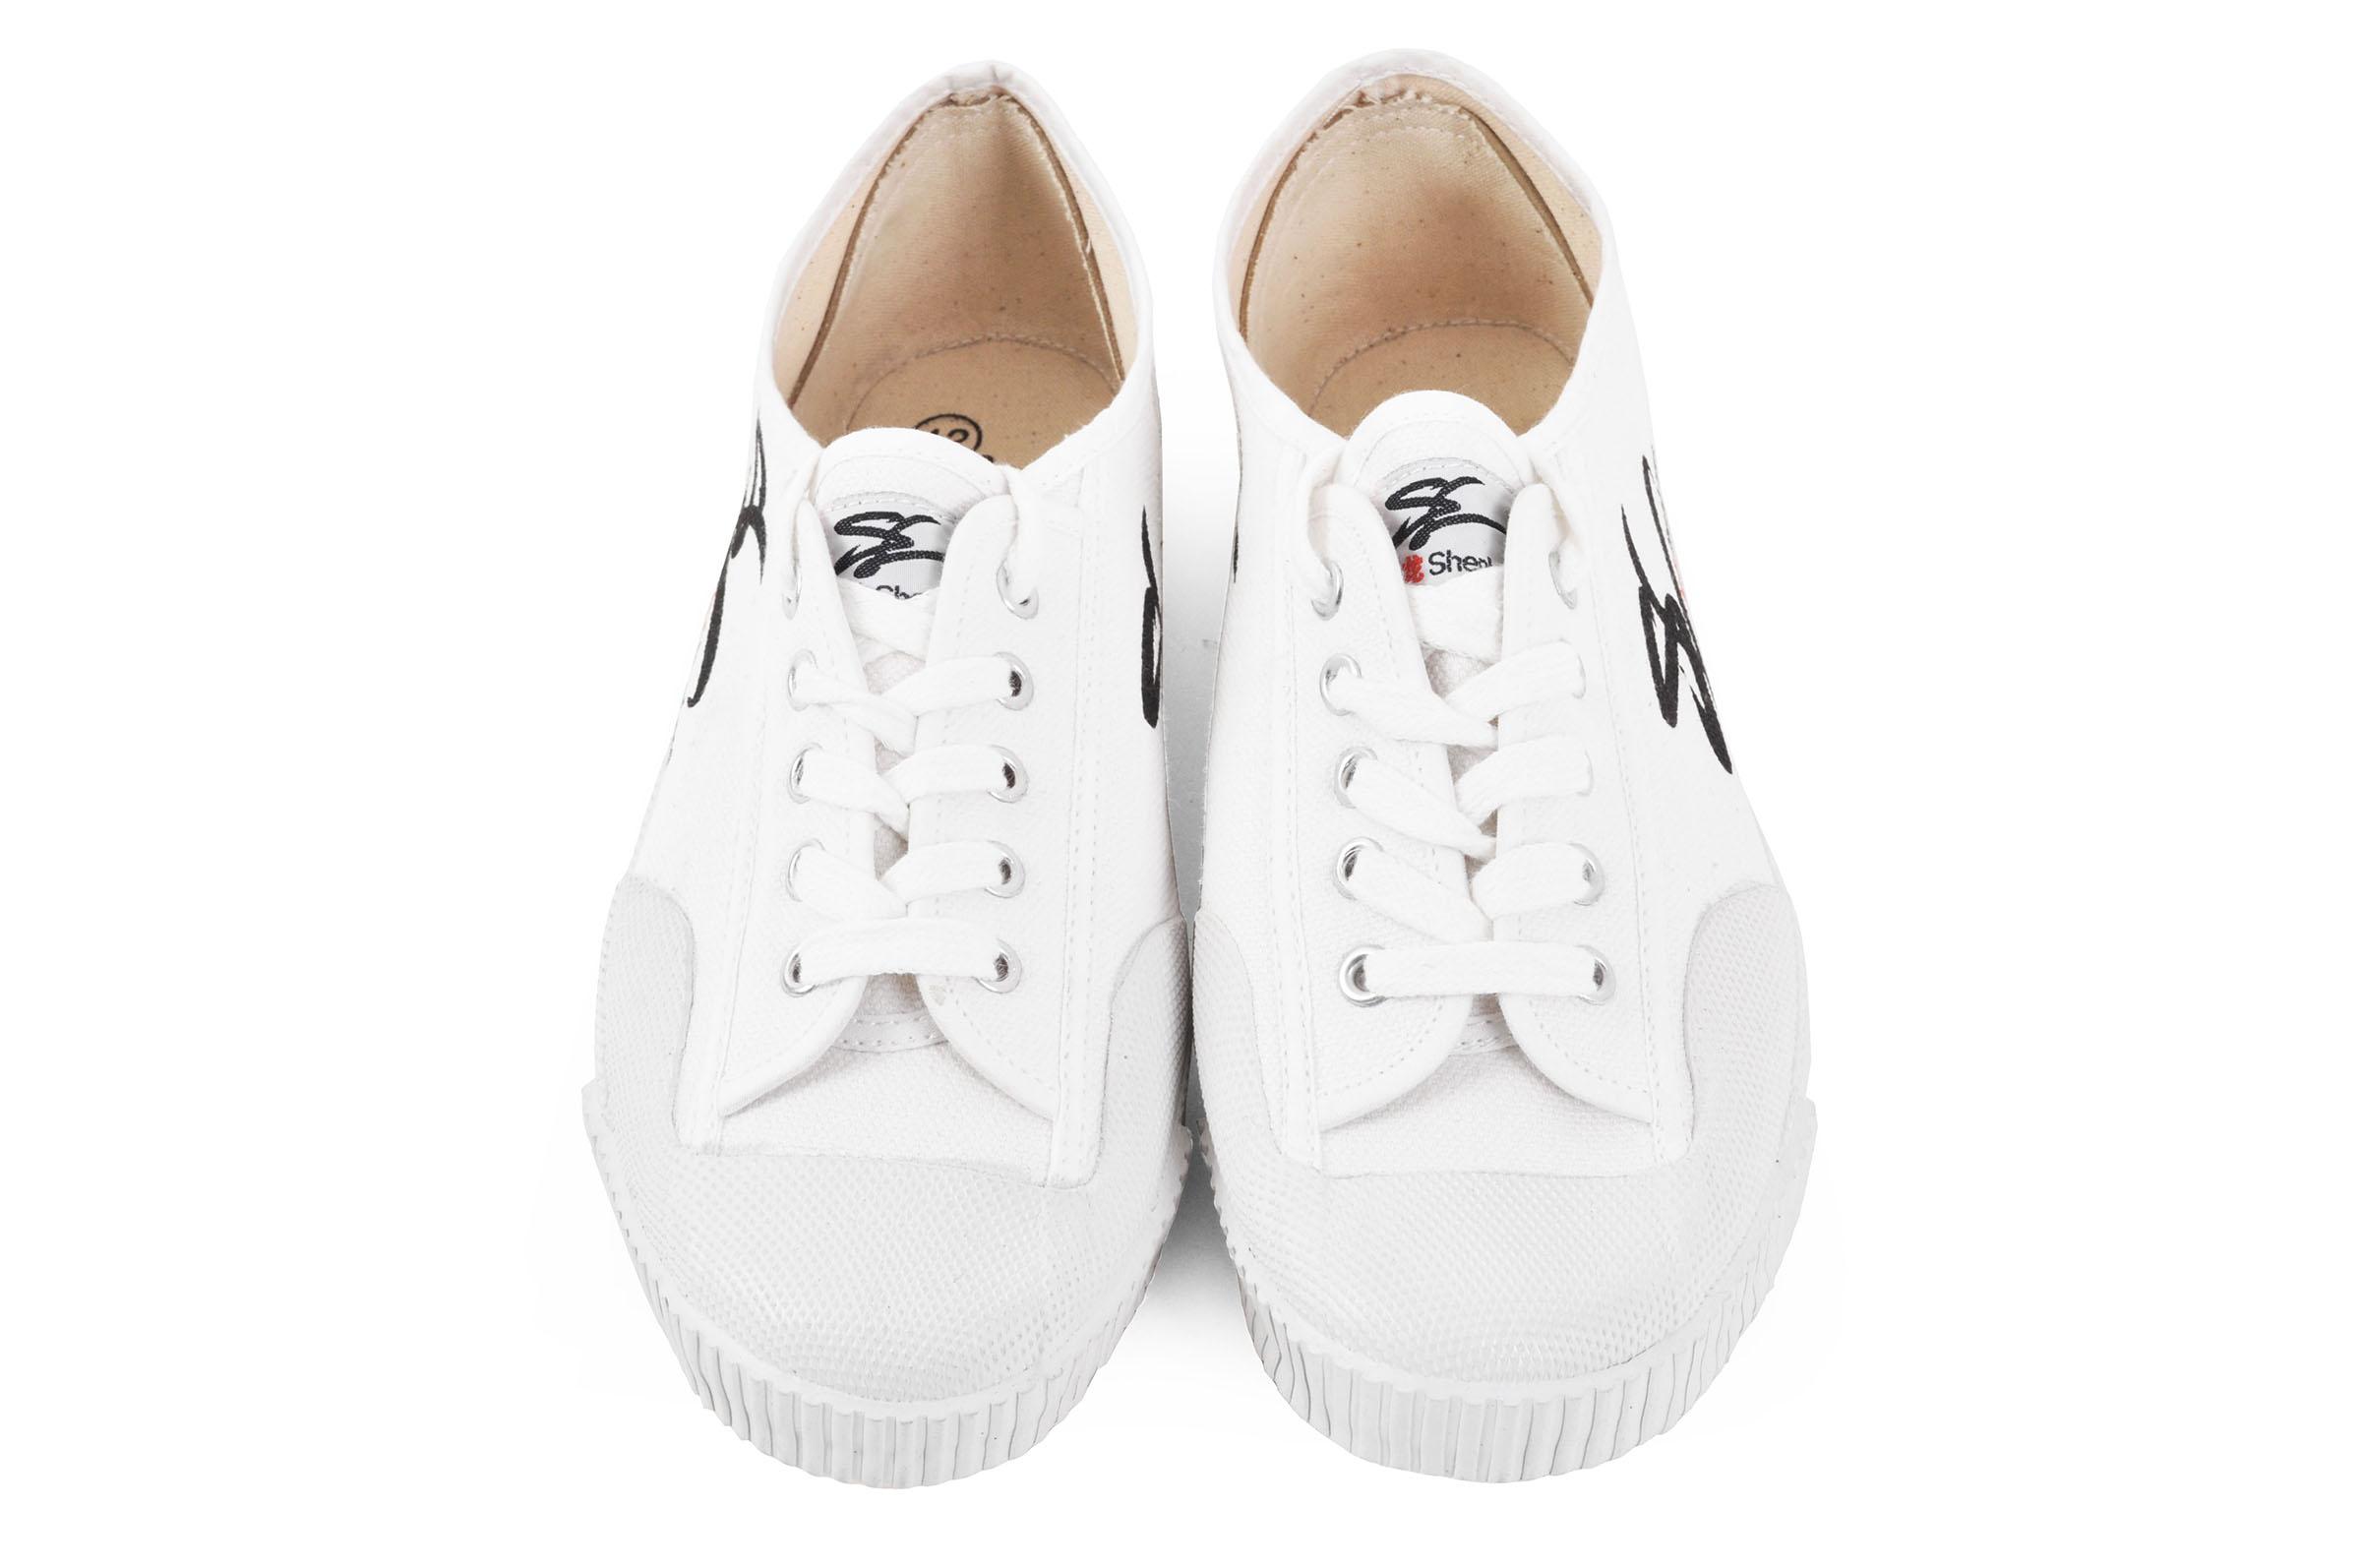 Zapatos de Wushu 'Shen Long', Blancos - 47